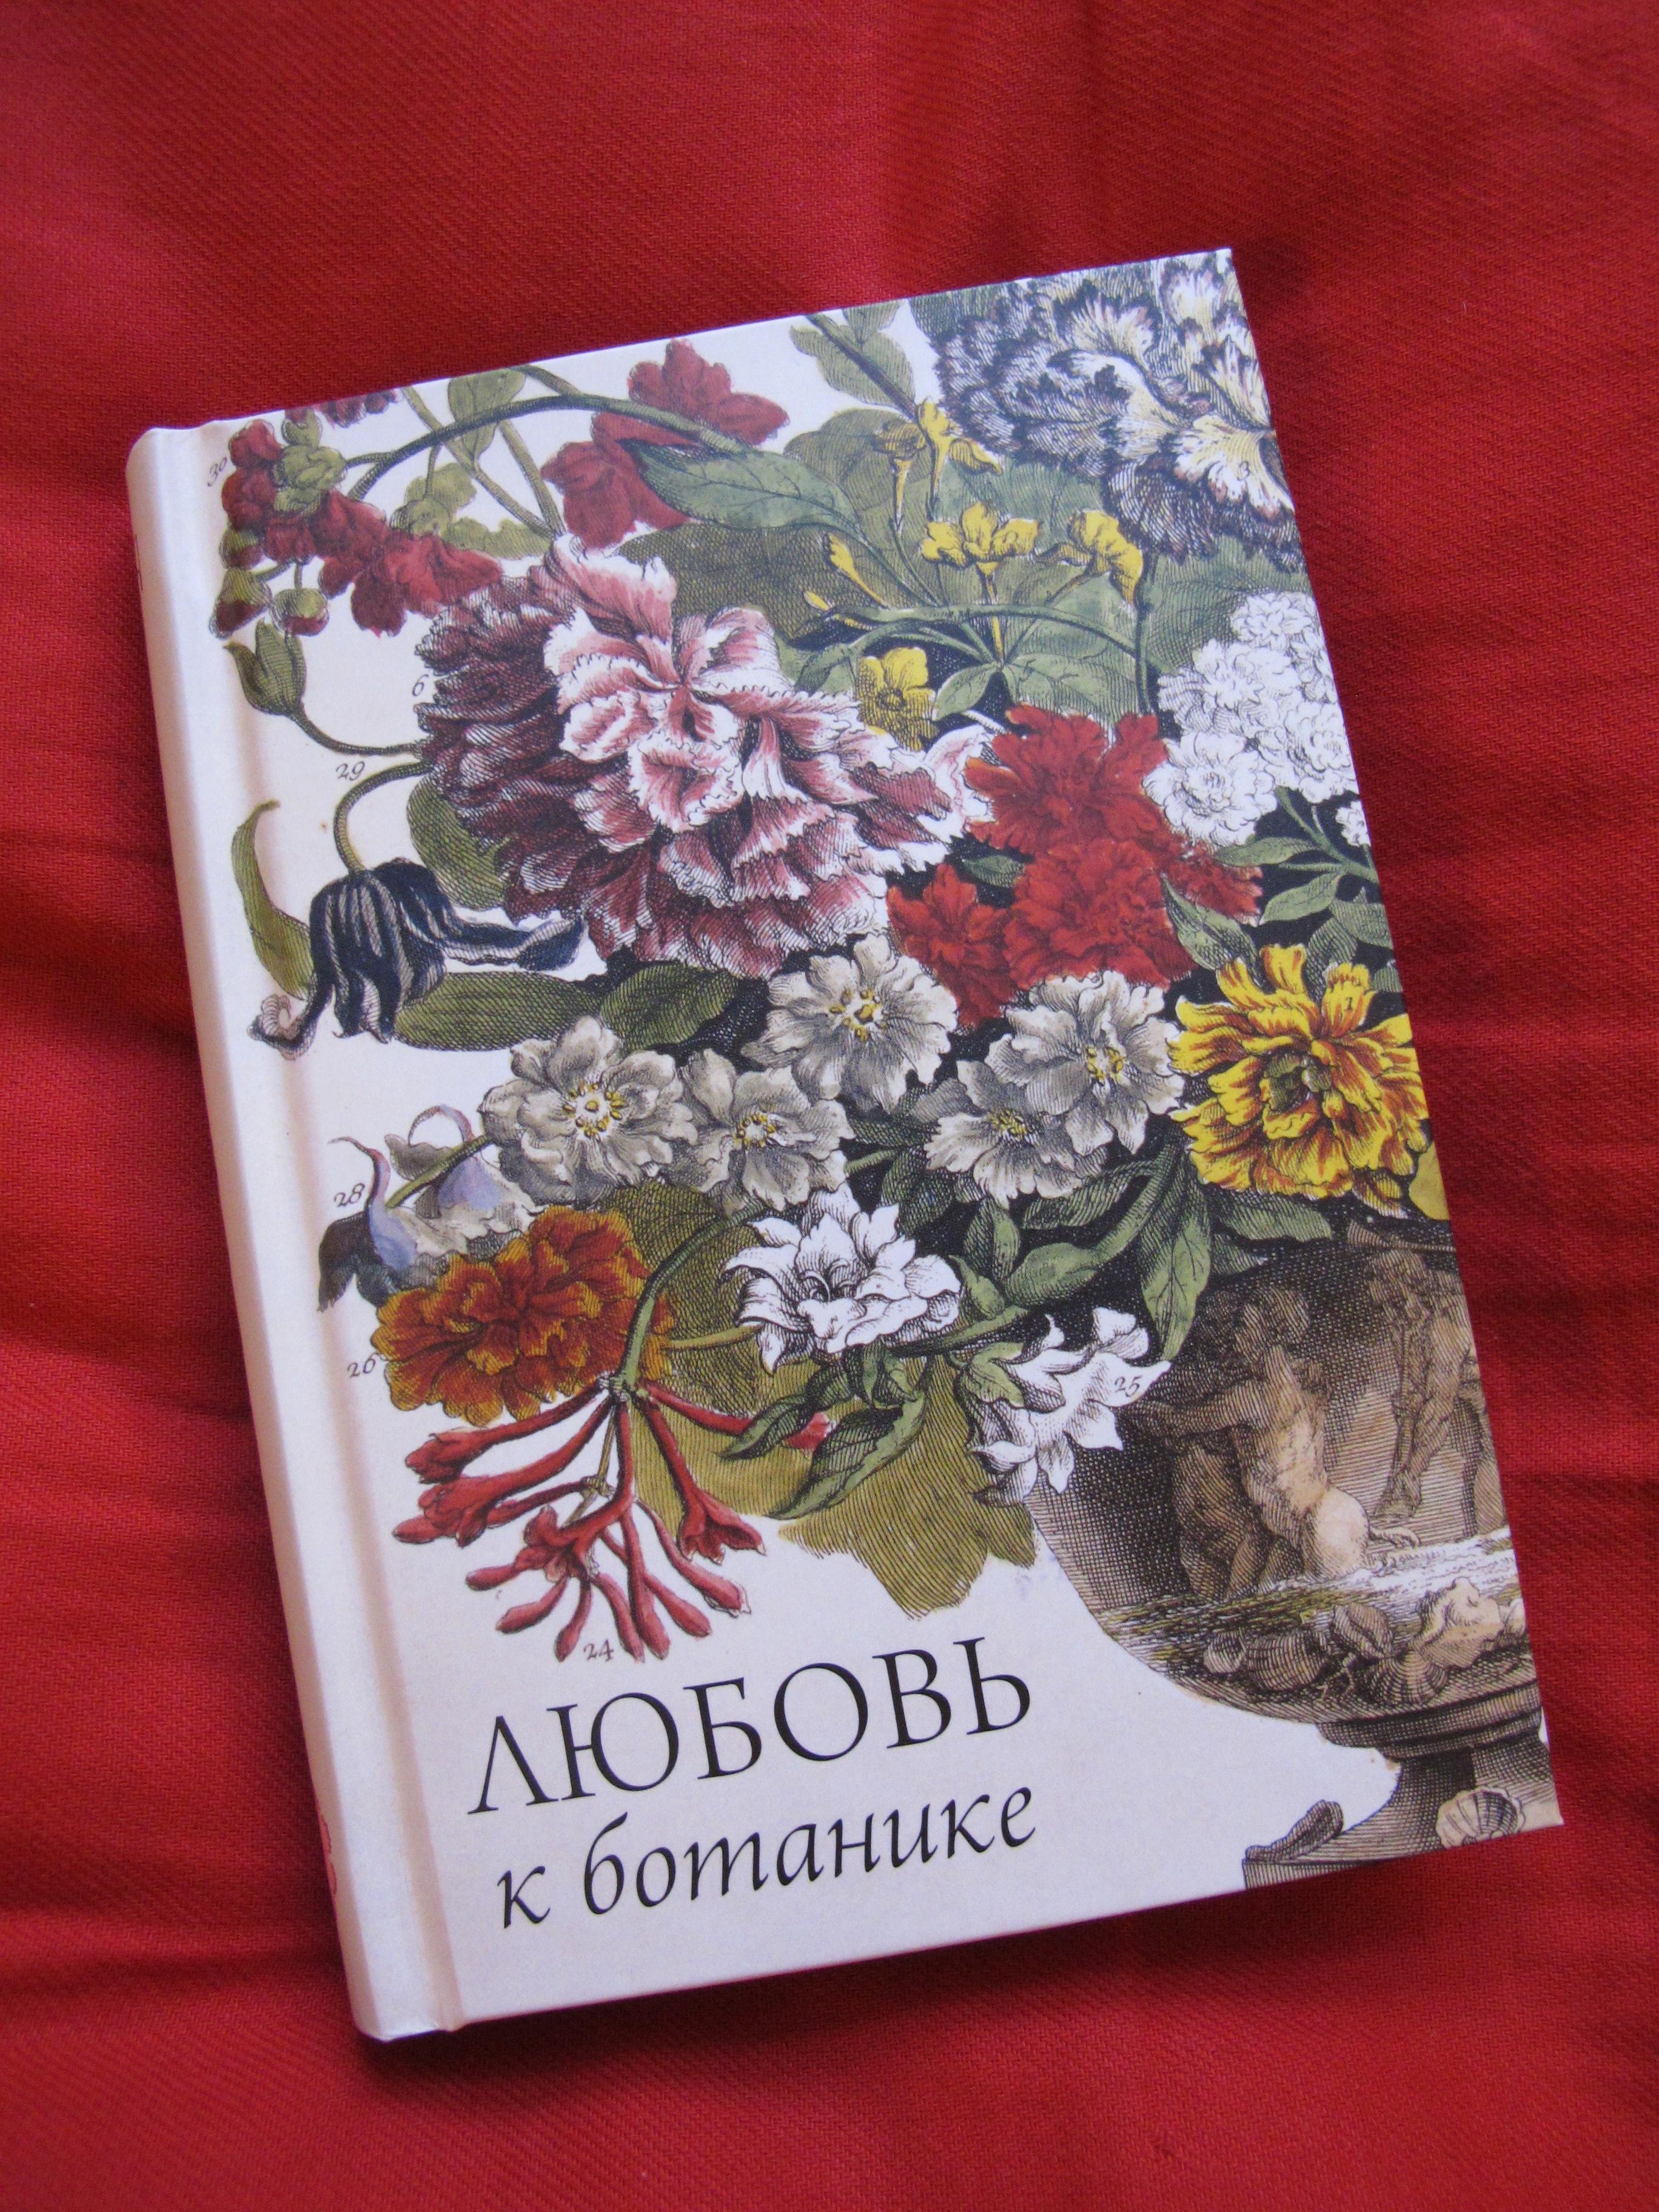 Книга Любовь к ботанике  купить на OZONru книгу с